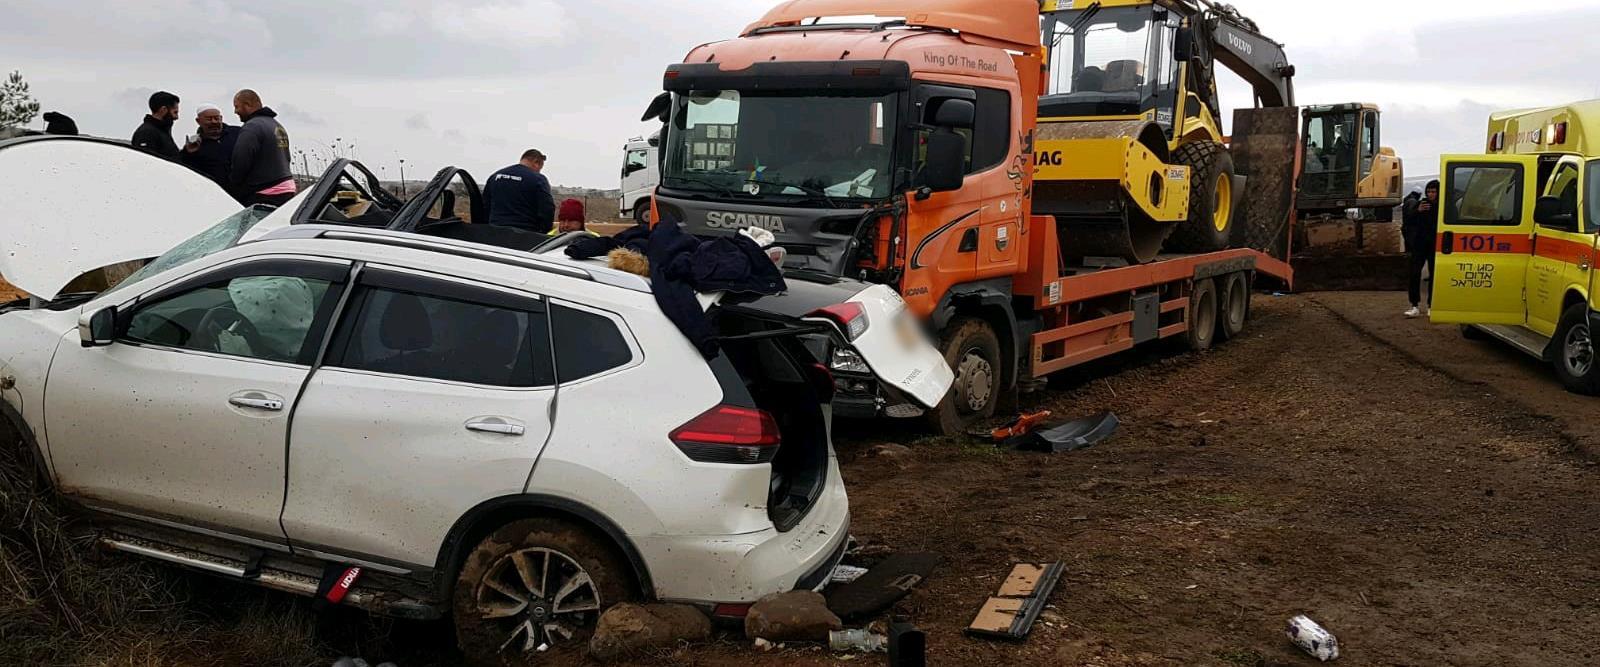 מקום התאונה בגולן, היום